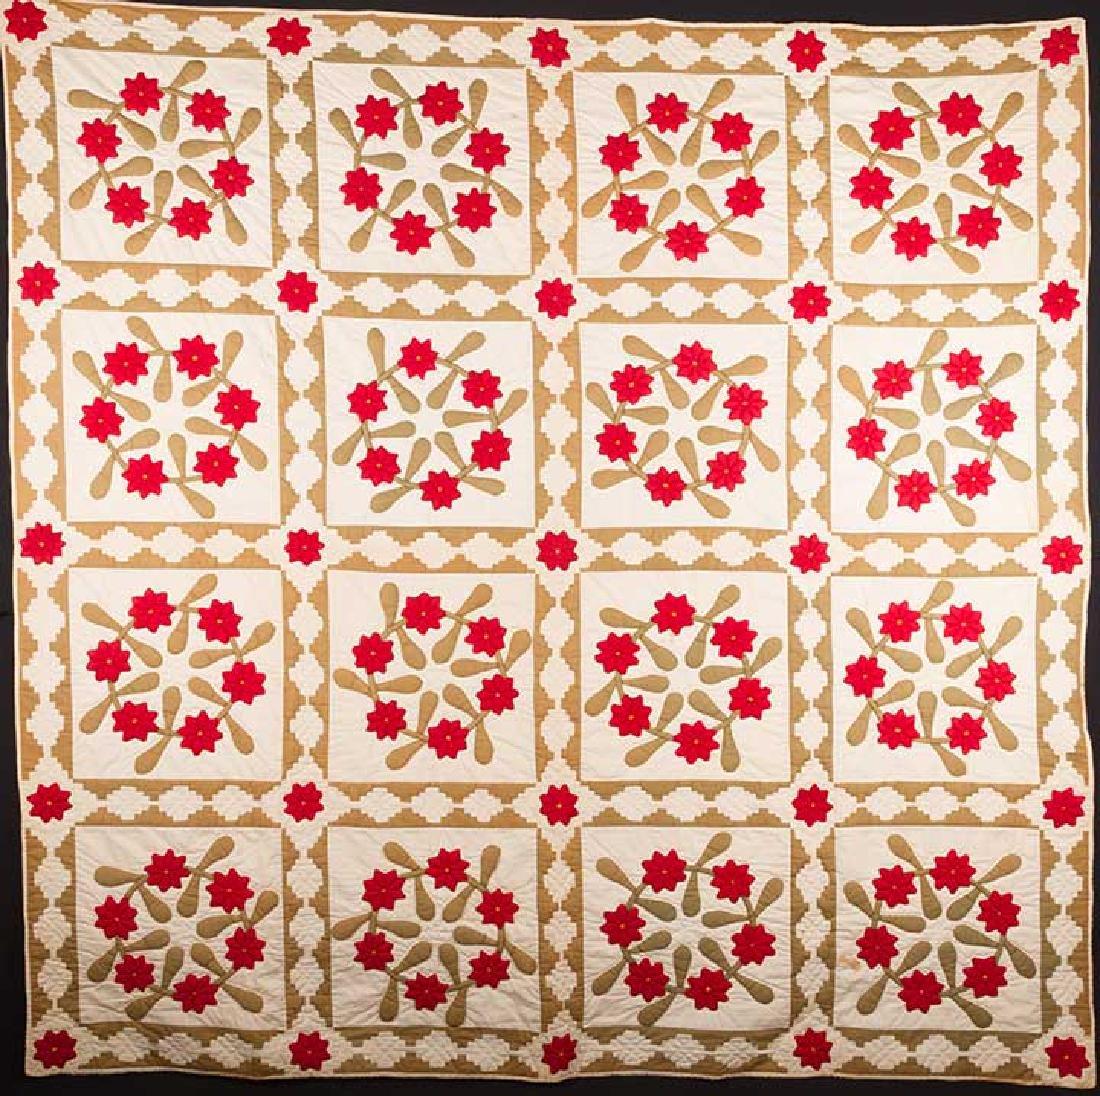 ROSE WREATH QUILT, 1890 - 1910